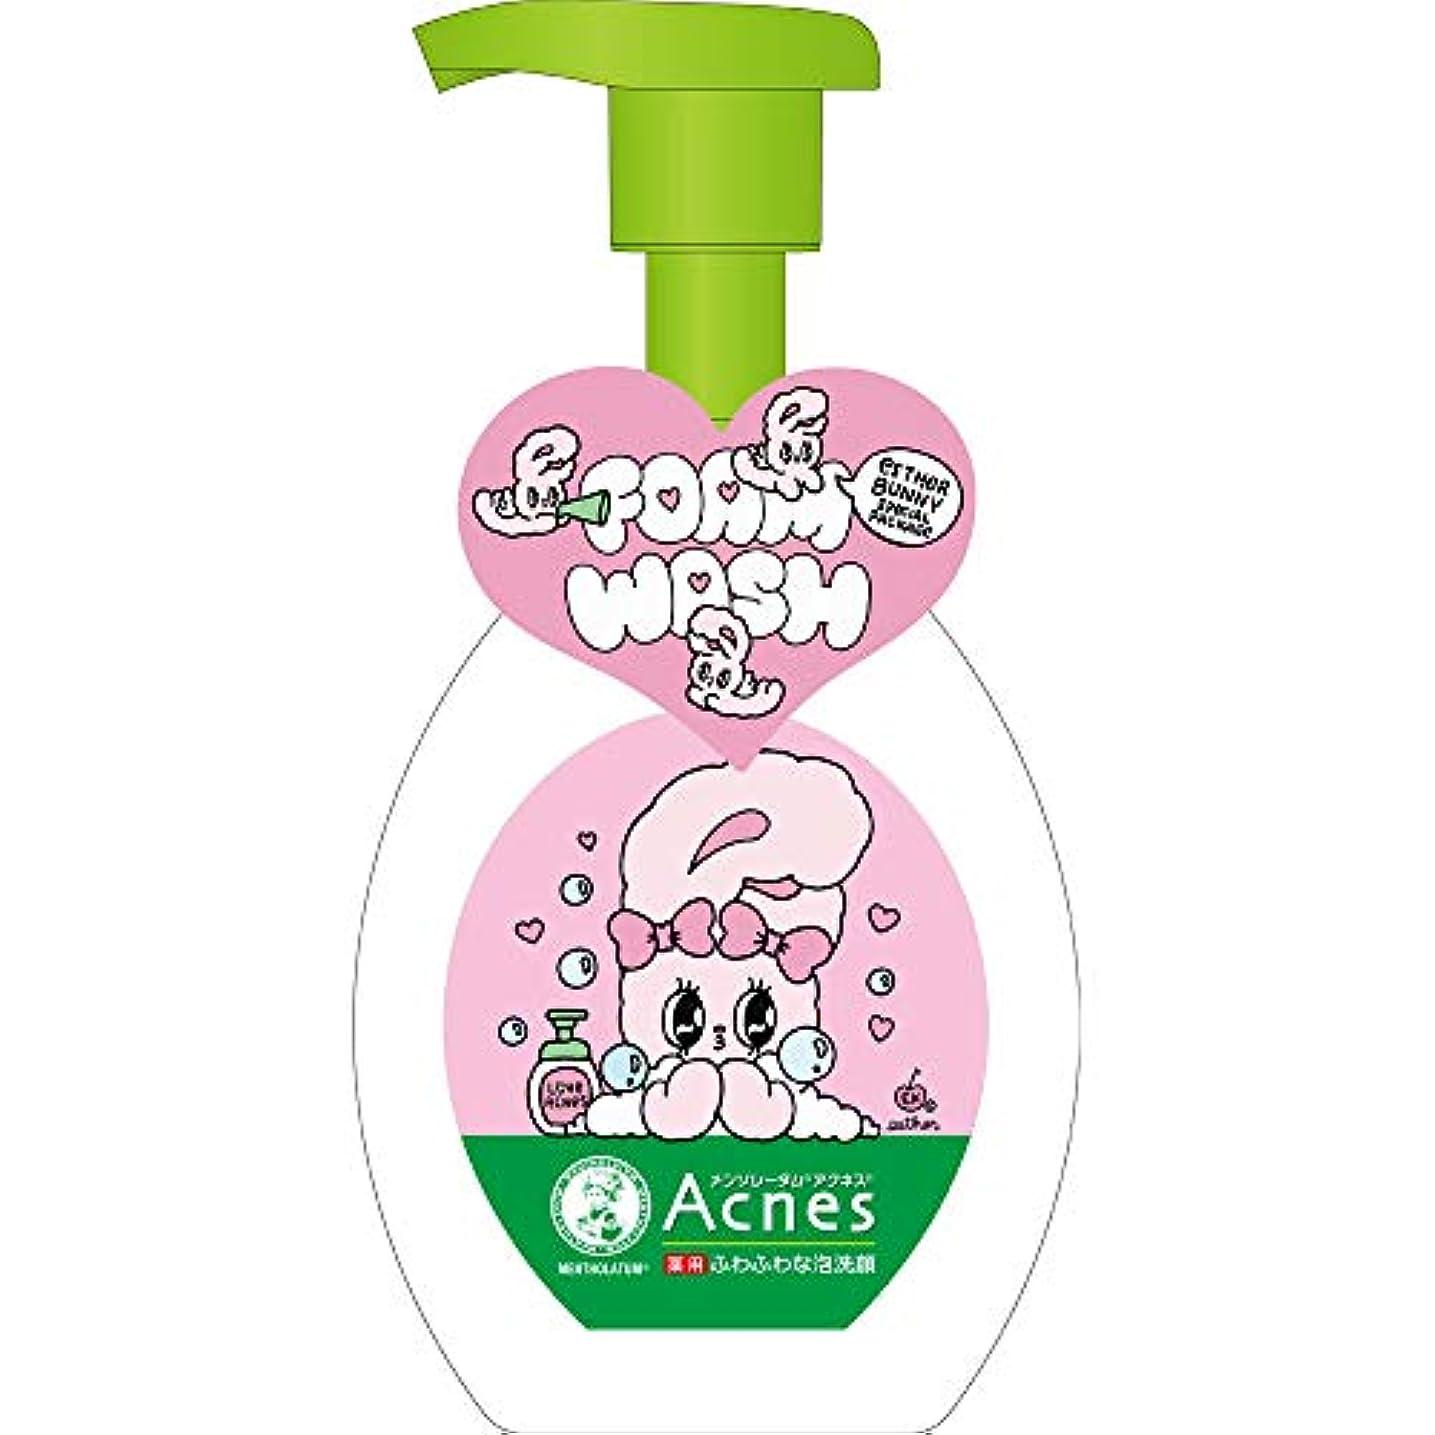 メンソレータム アクネス 薬用ふわふわな泡洗顔 エスターバニー企画品